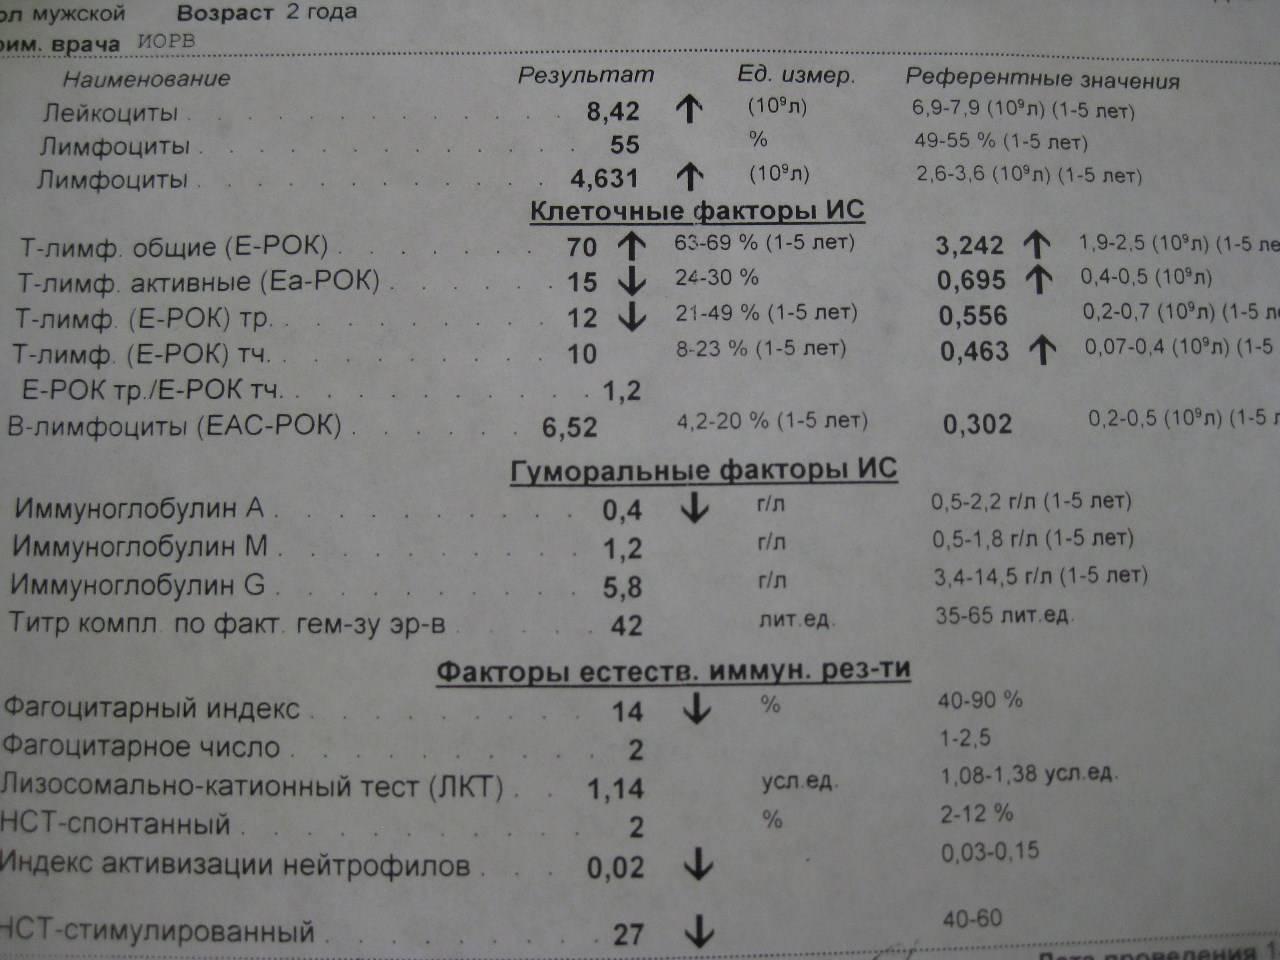 Иммунограмма: расшифровка, что показывает, норма, таблица с результатами